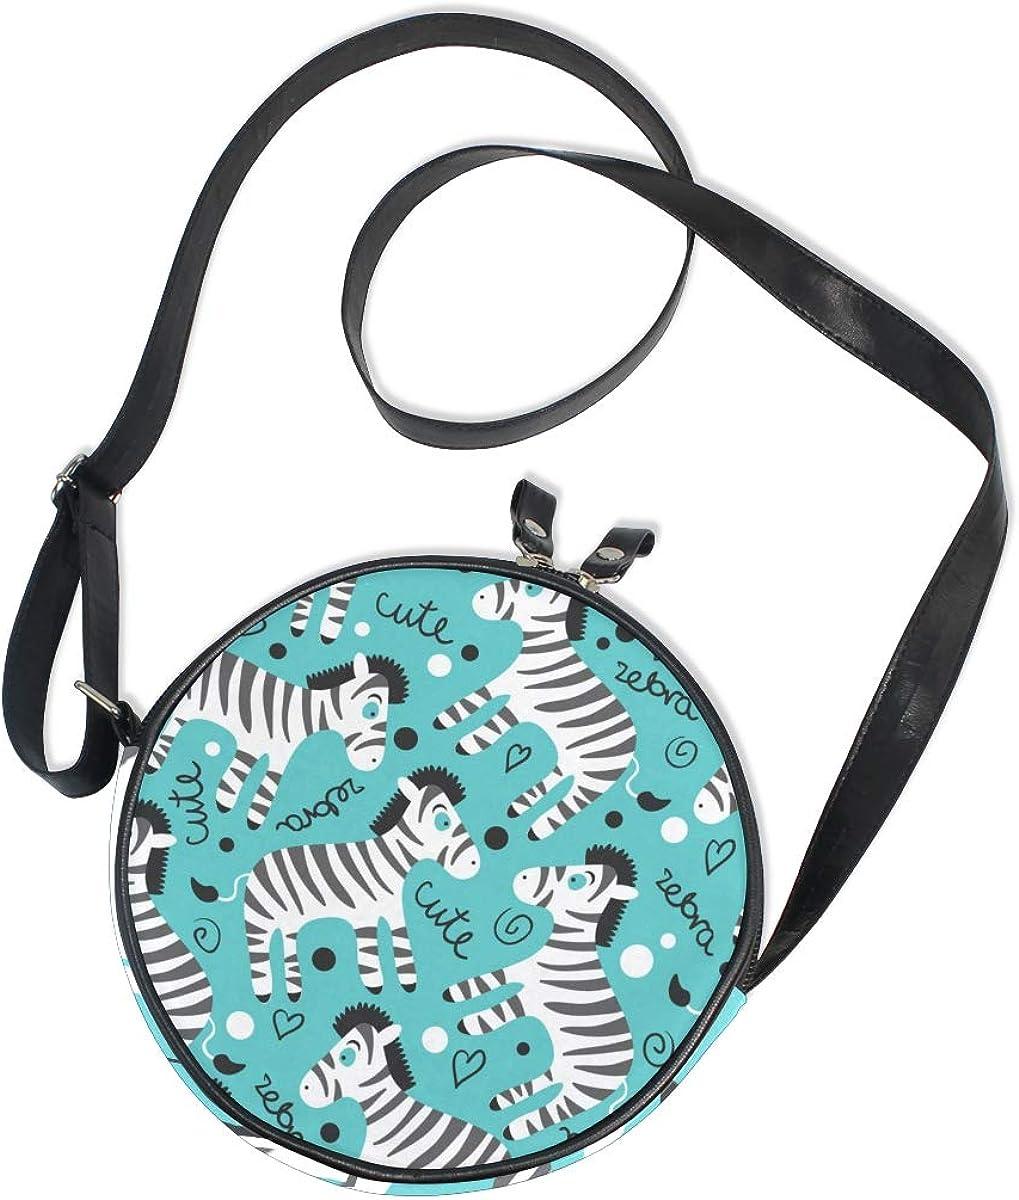 KEAKIA Cute Zebras Round Crossbody Bag Shoulder Sling Bag Handbag Purse Satchel Shoulder Bag for Kids Women